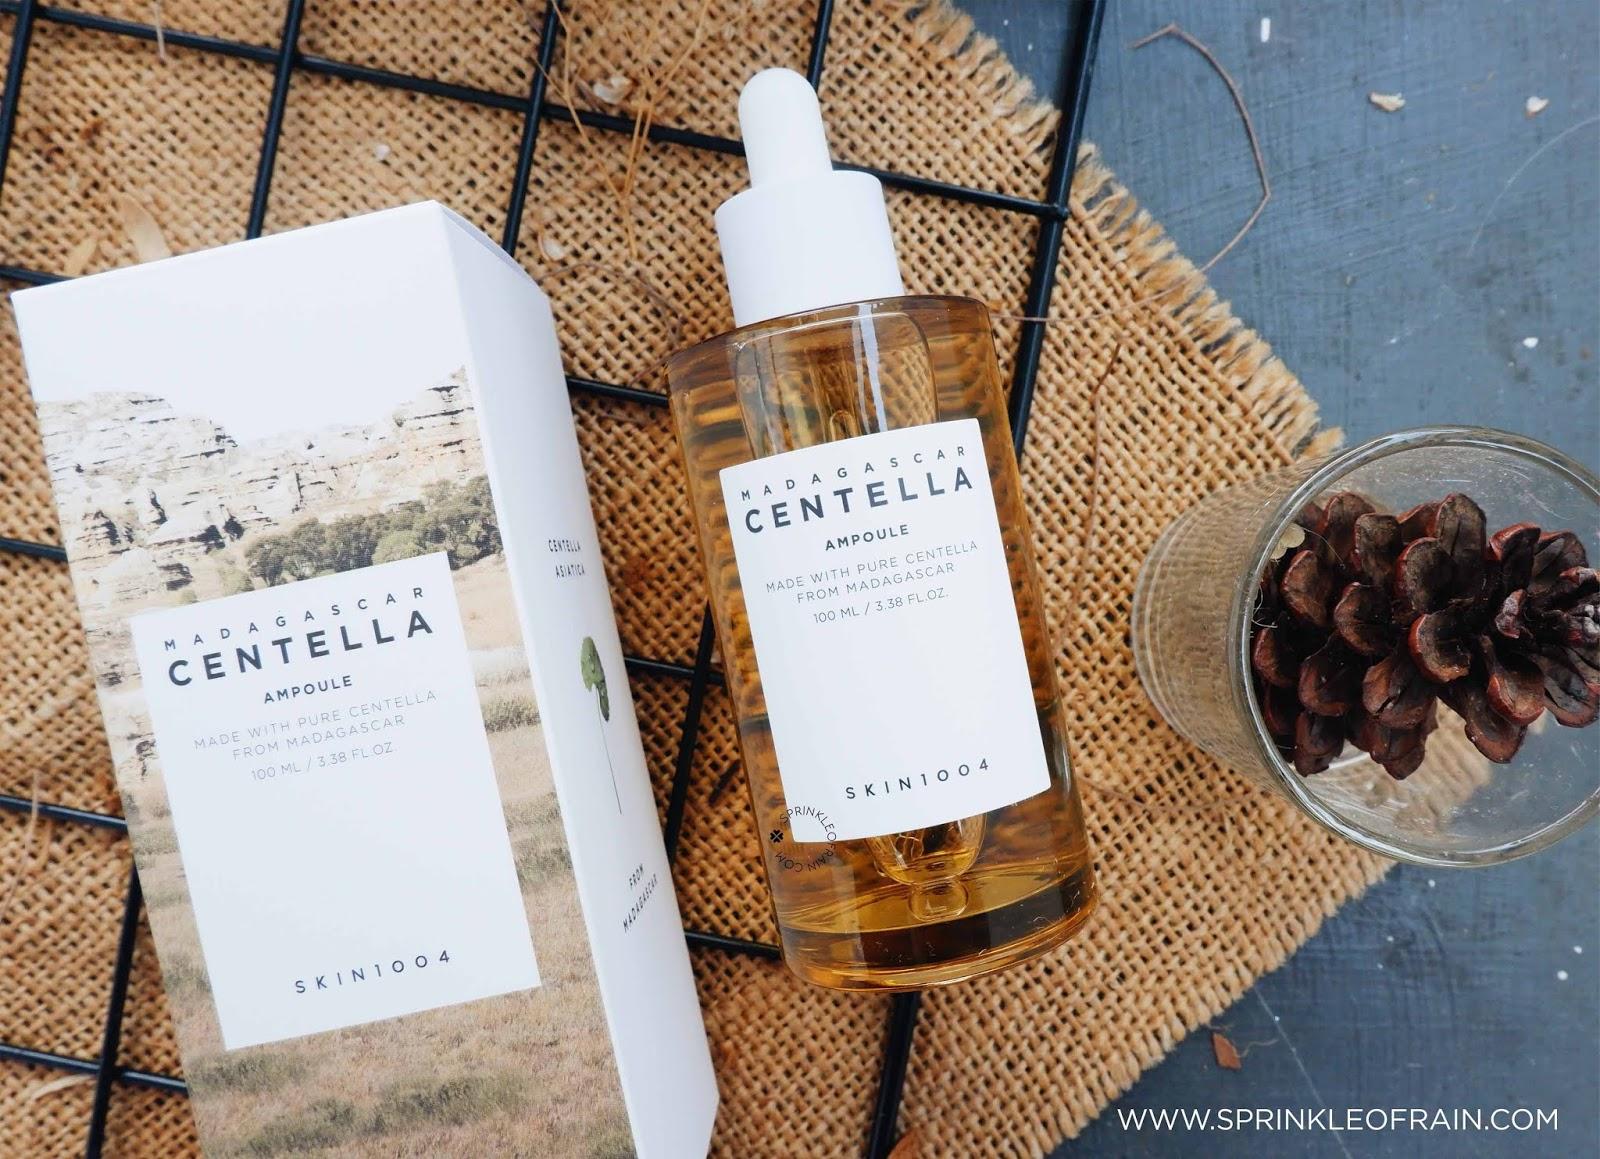 Skin1004 Madagascar Ampoule Review Untuk Kulit Berjerawat